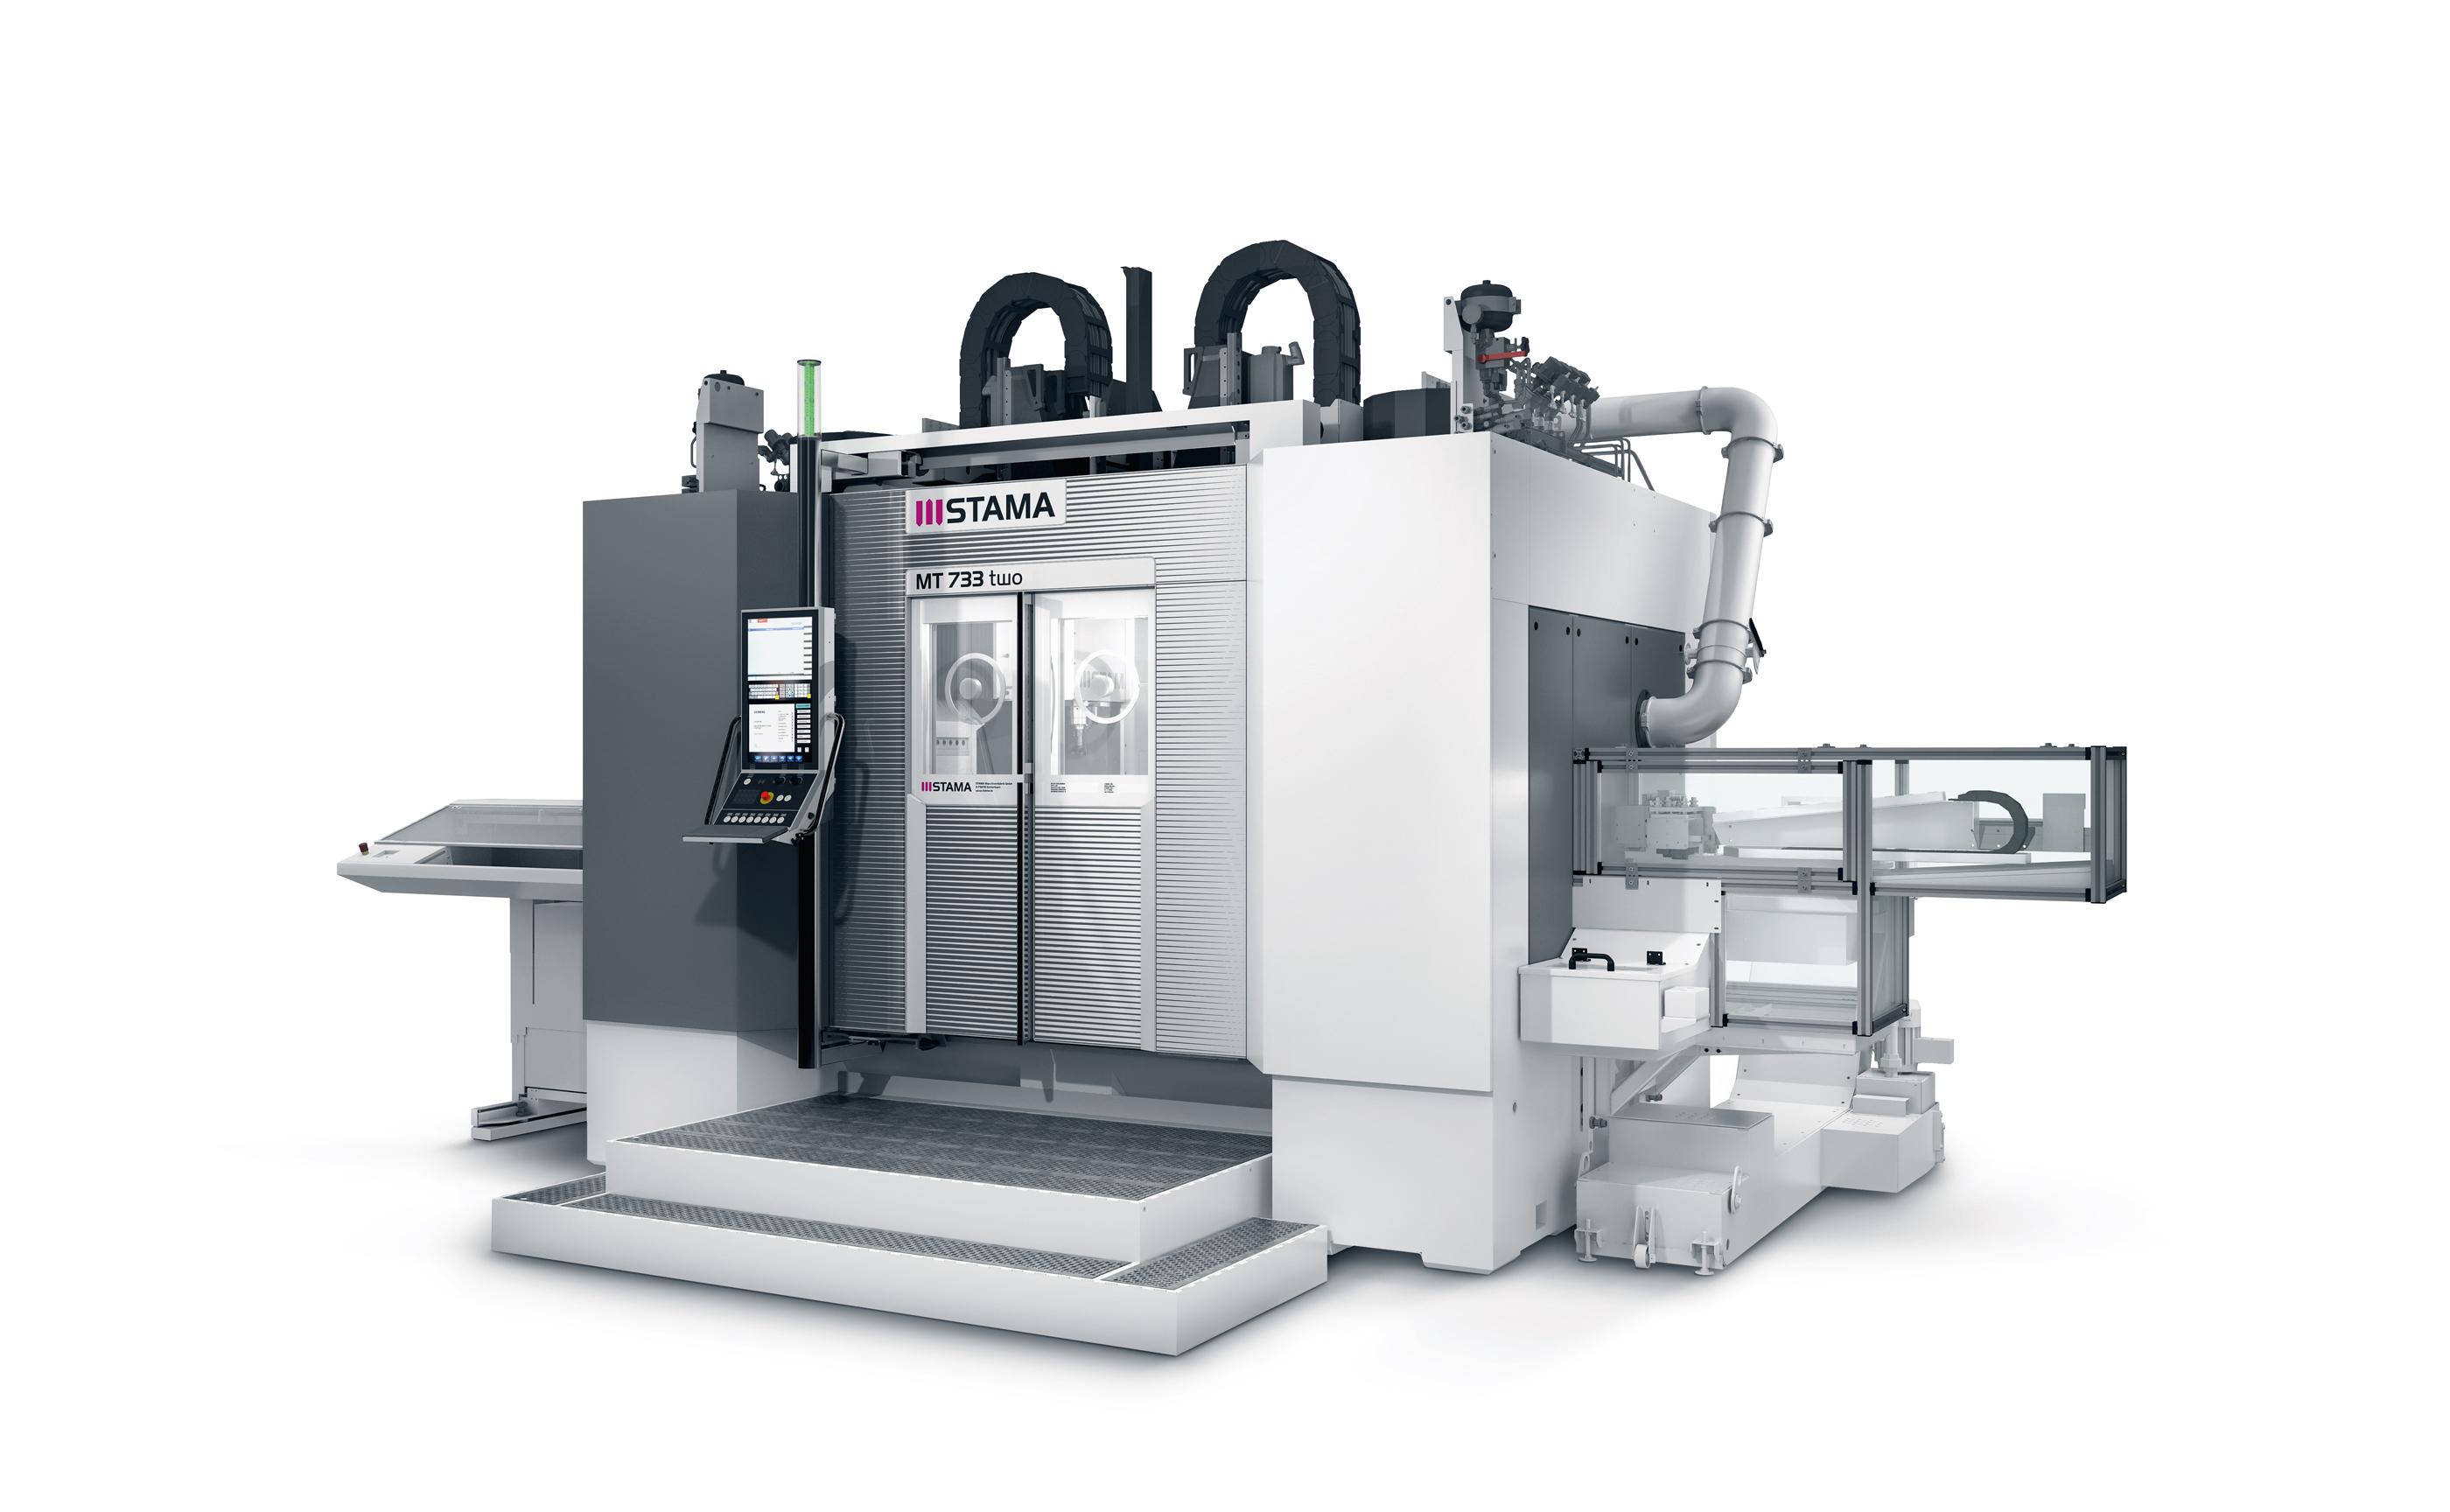 Hydro-Lift Gasdruckfeder bei Stama Maschinenbau GmbH